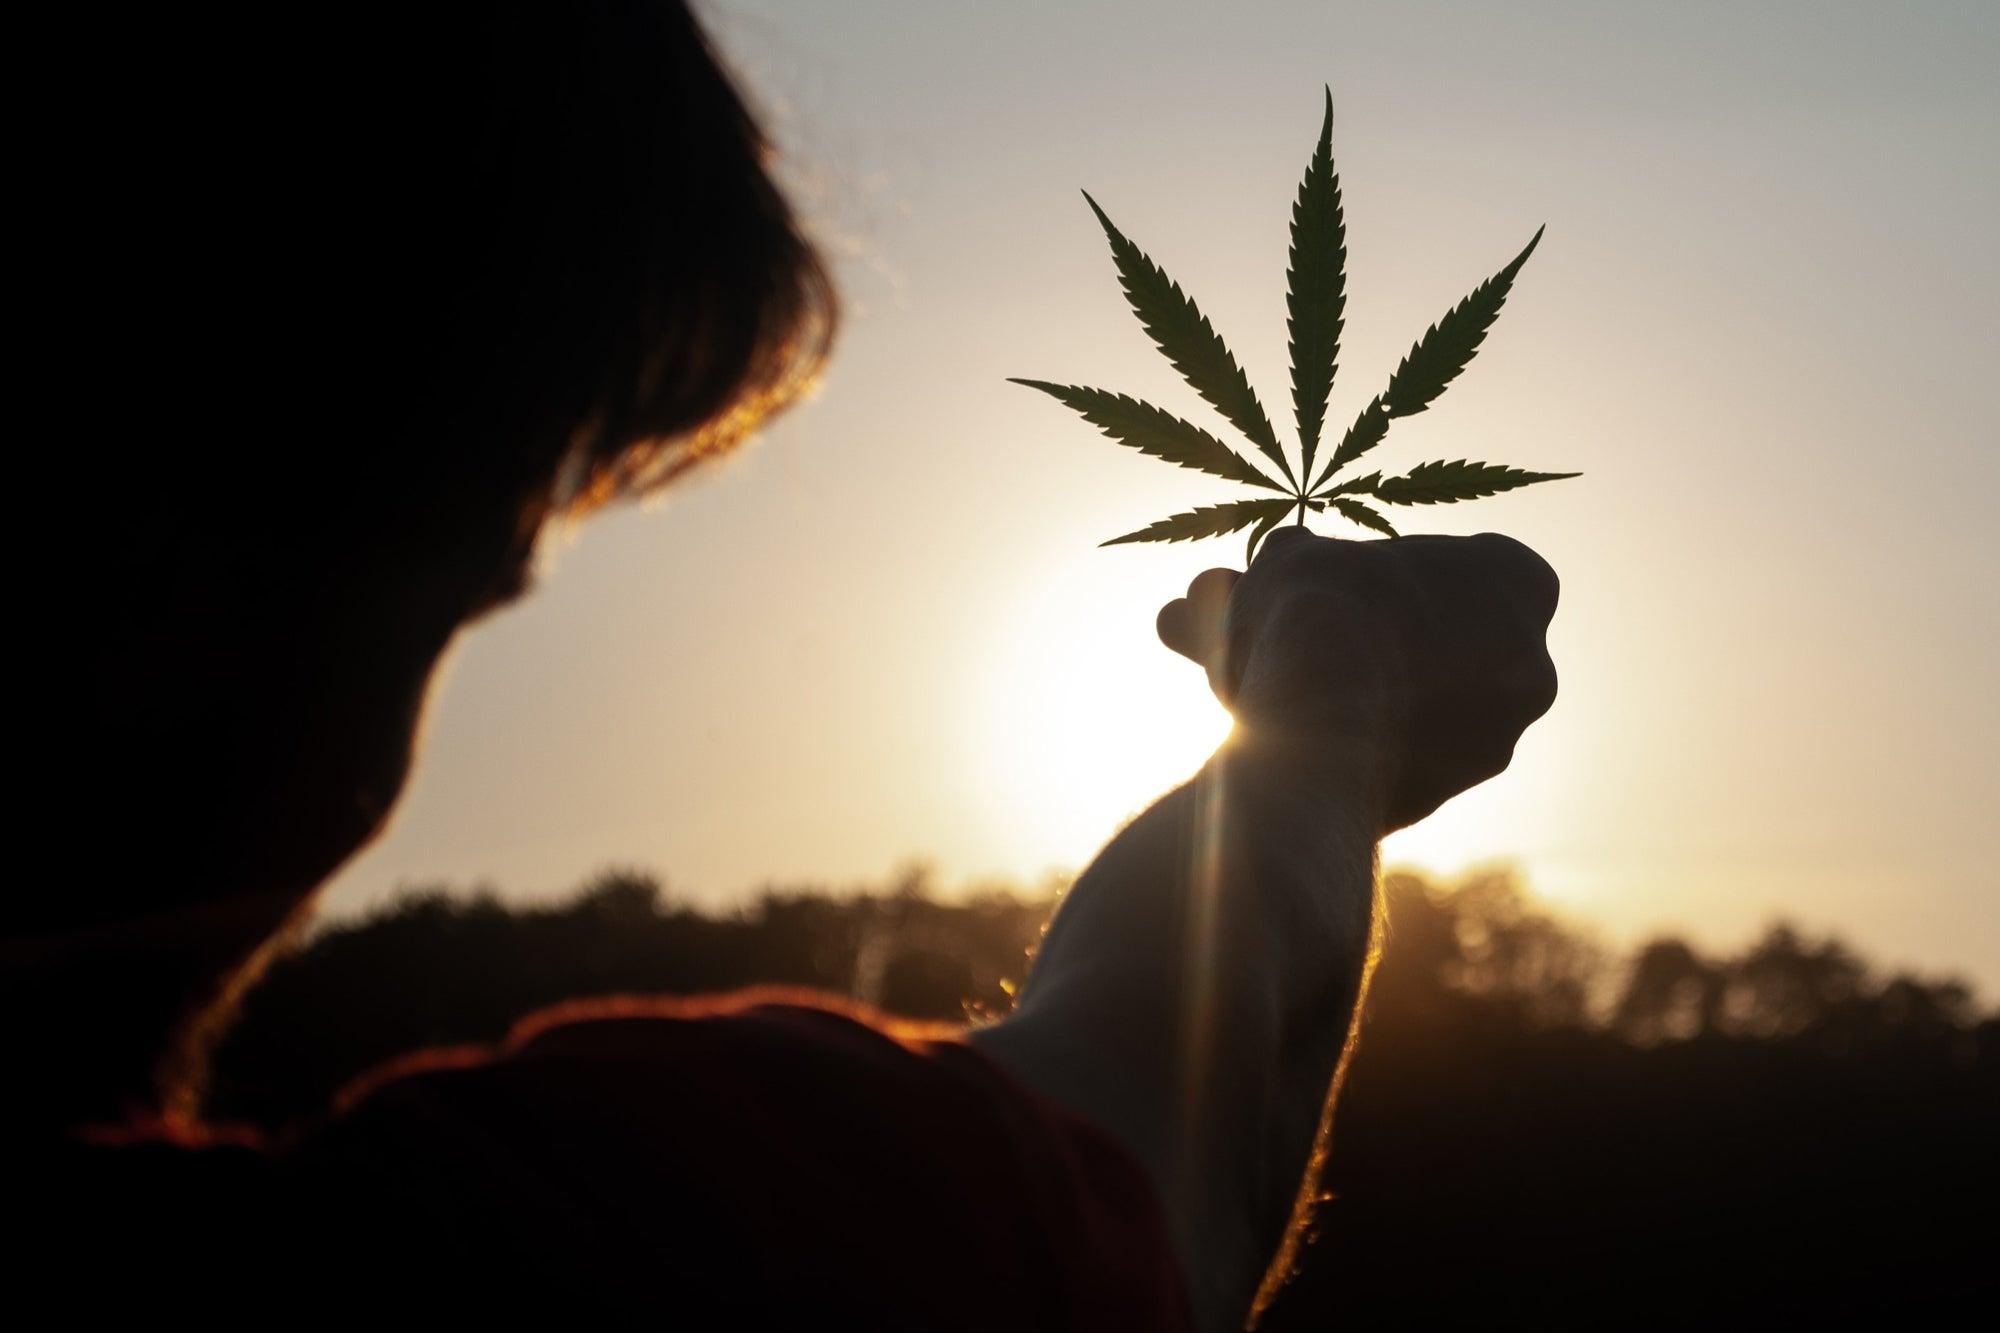 Hasta febrero sabremos si se aprueba o no la marihuana en México, confirmó AMLO